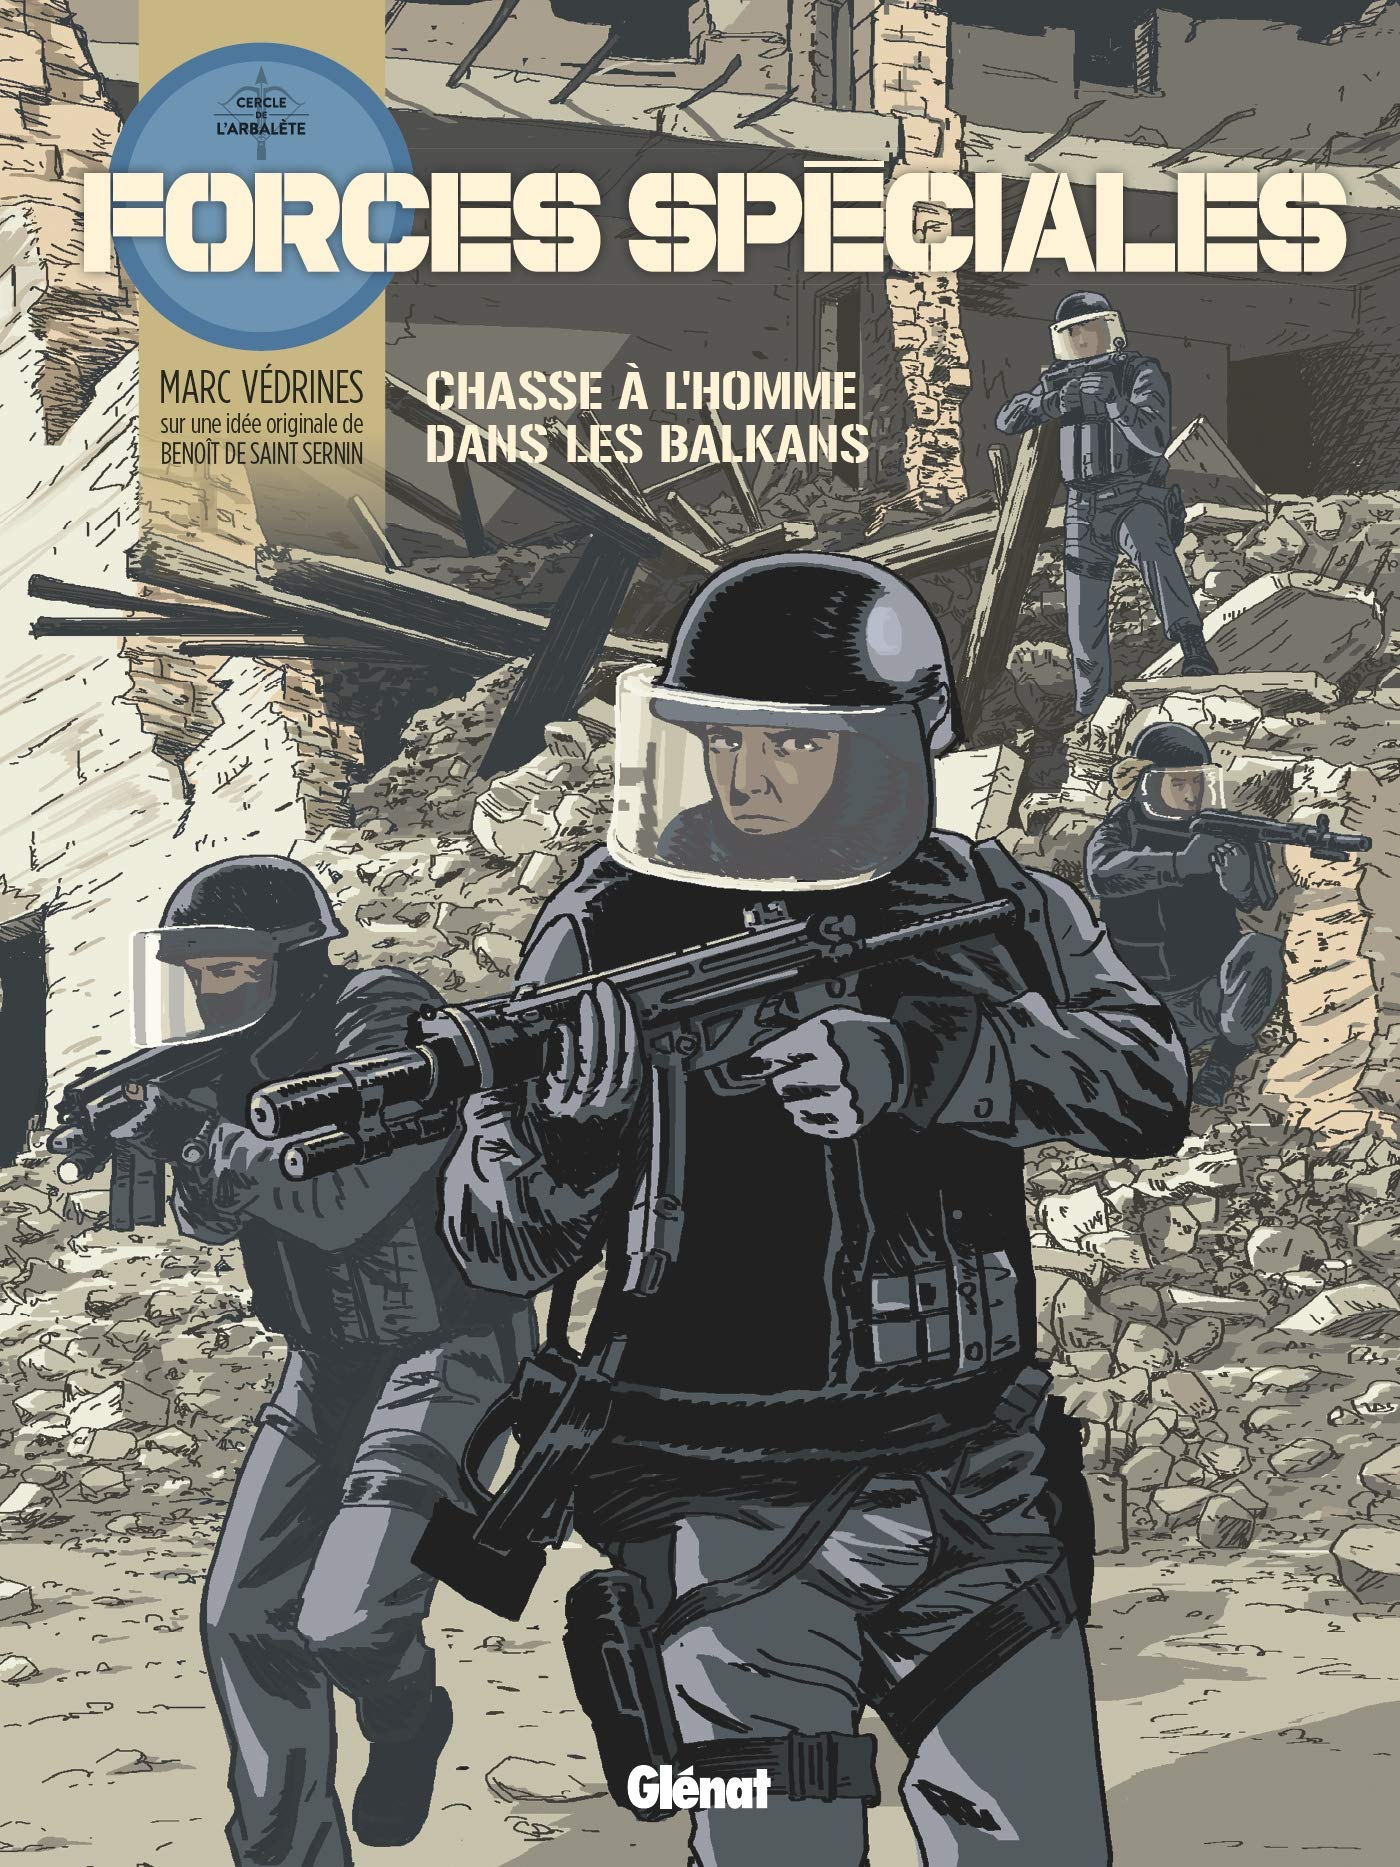 Forces spéciales 2 - Mission RESCO